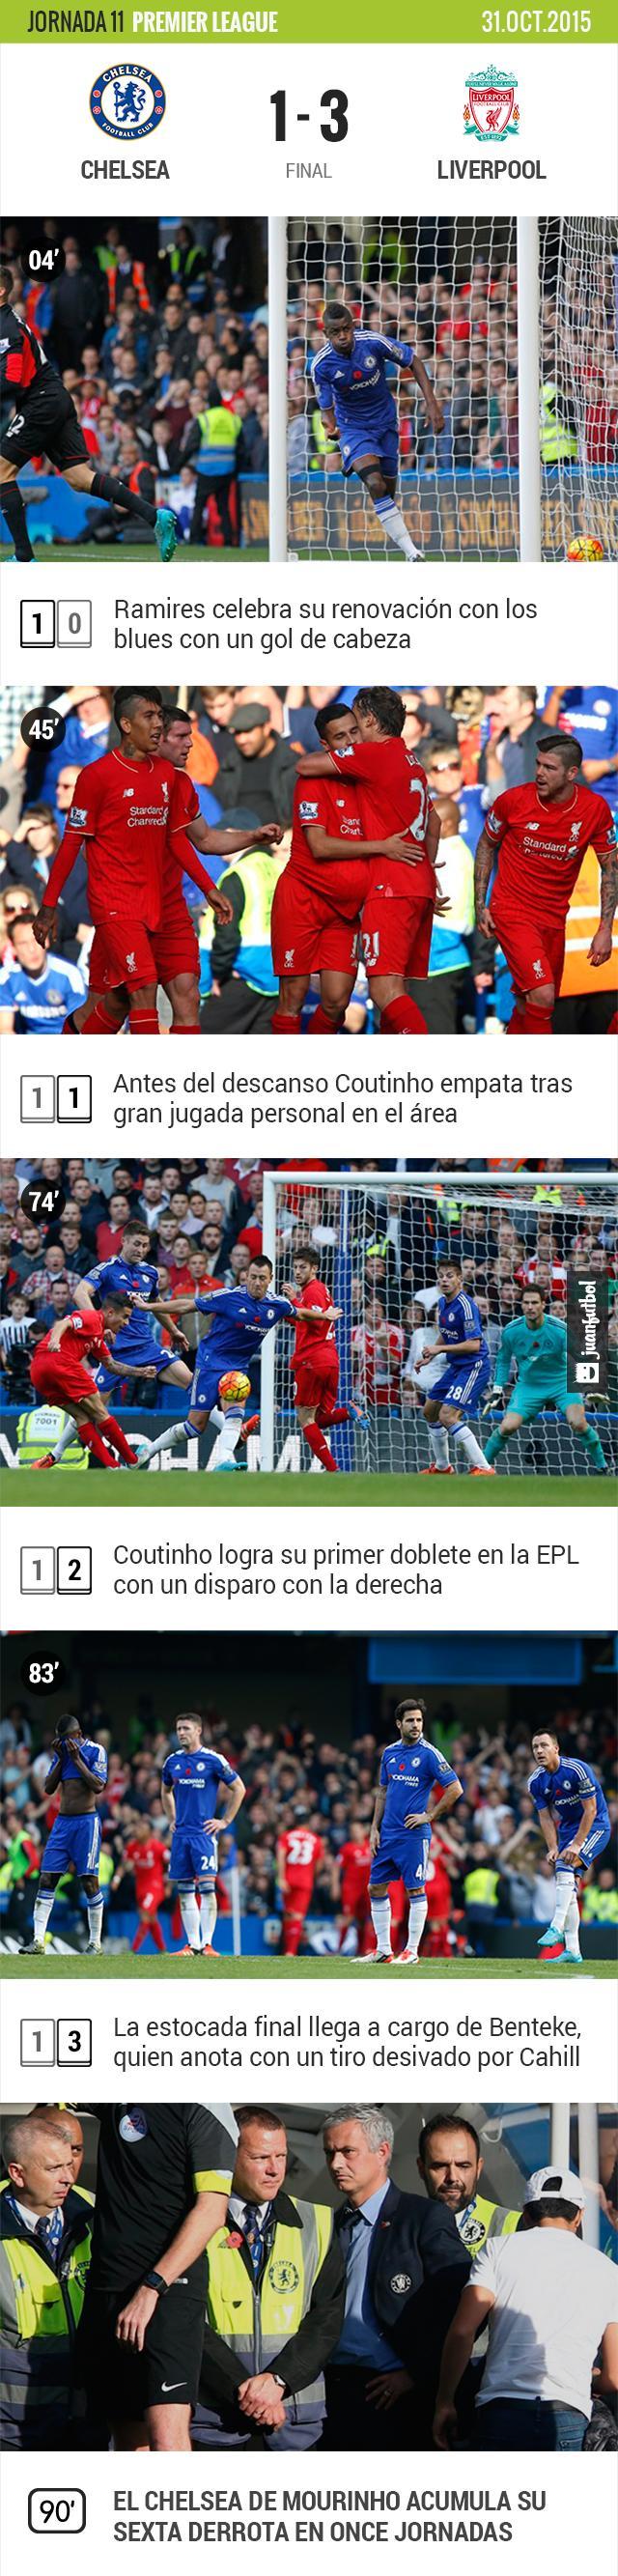 Chelsea sufre su sexta derrota en la temporada de la Premier League